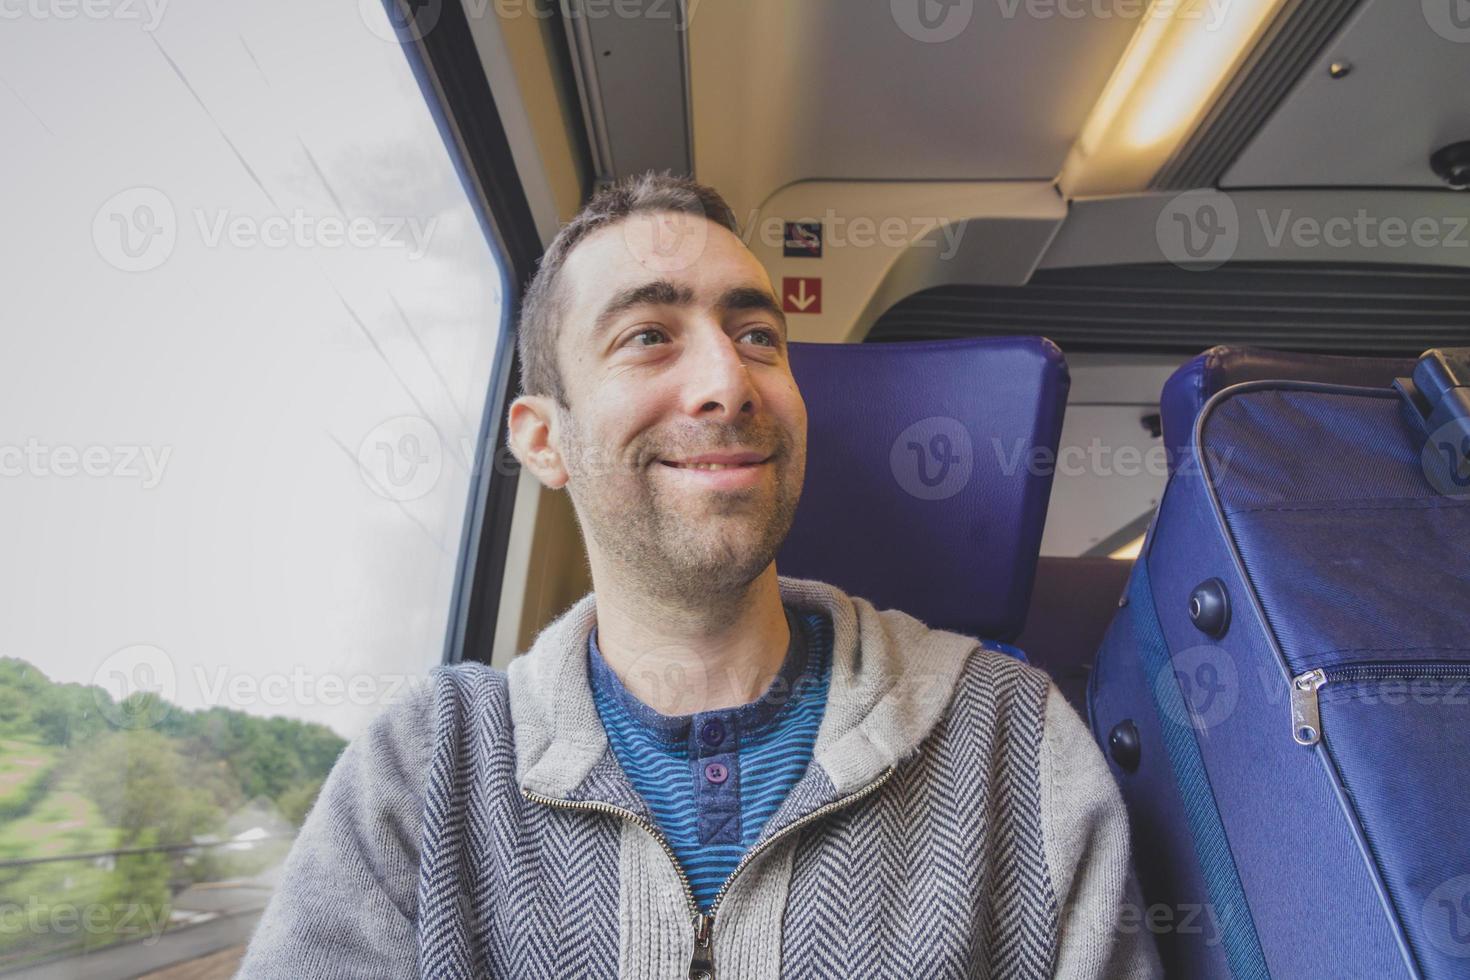 giovane che viaggia su un treno e sorride a qualcuno foto